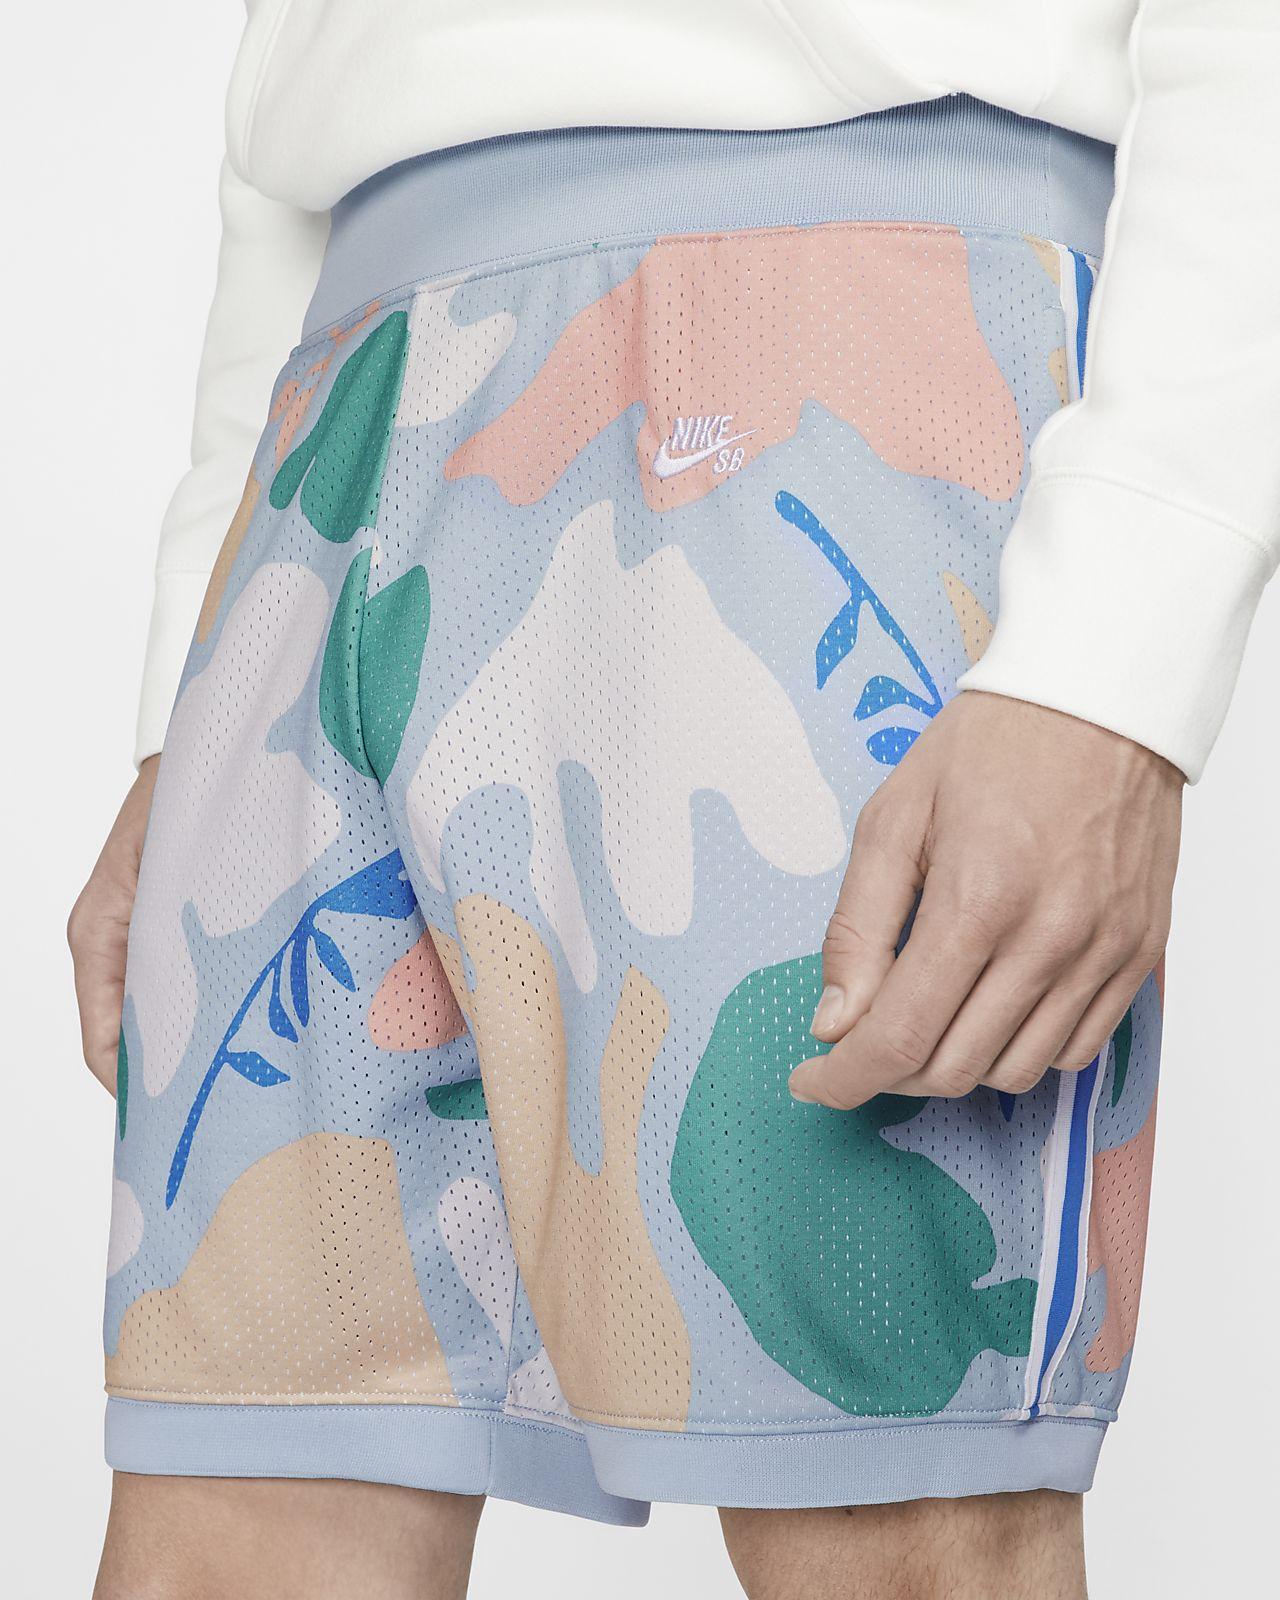 Pánské skateboardové kraťasy Nike SB Dri-FIT s potiskem